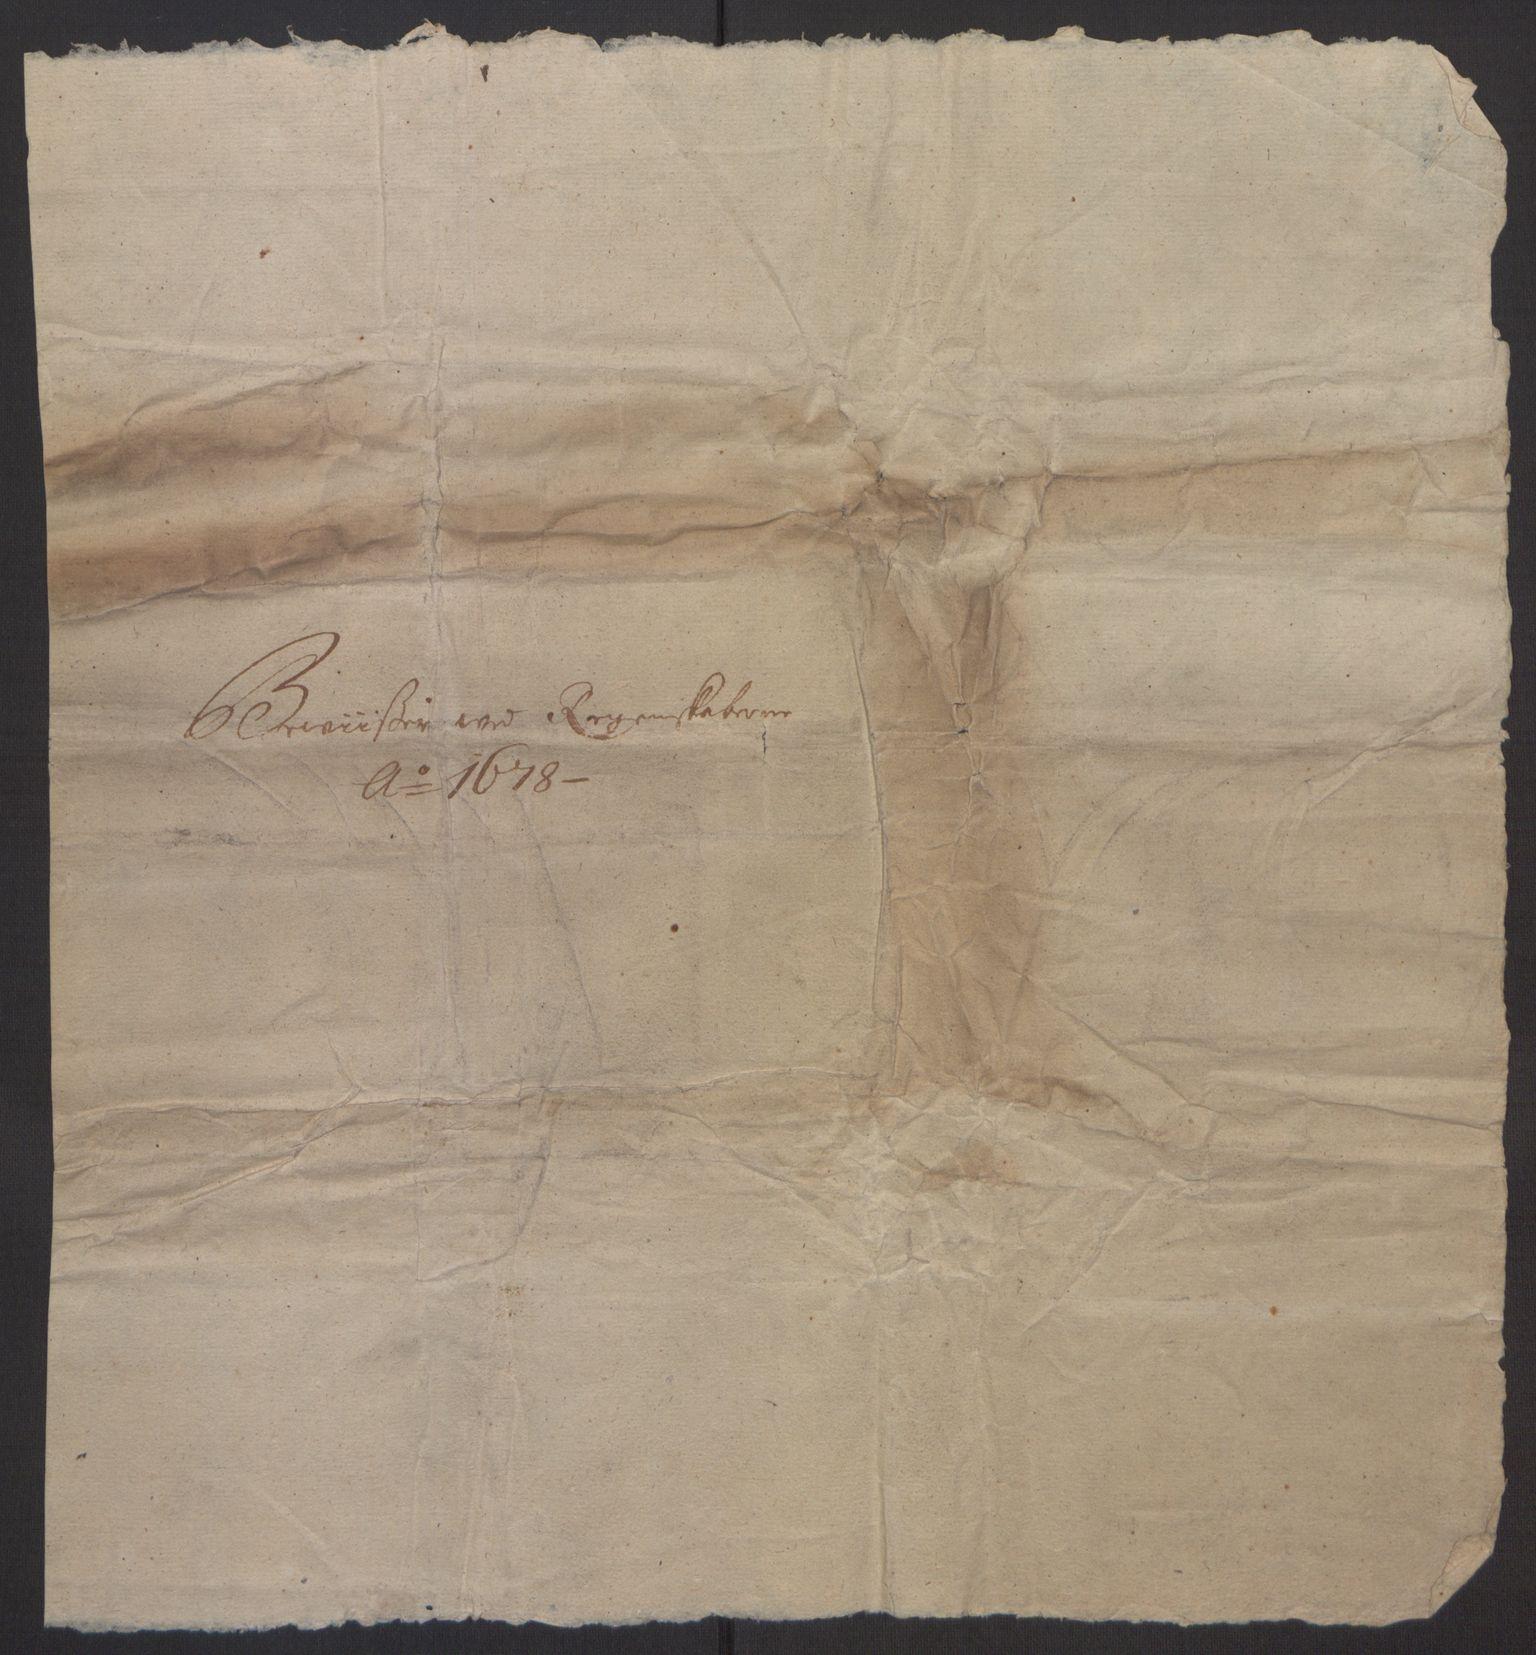 RA, Rentekammeret inntil 1814, Reviderte regnskaper, Fogderegnskap, R35/L2071: Fogderegnskap Øvre og Nedre Telemark, 1678, s. 188